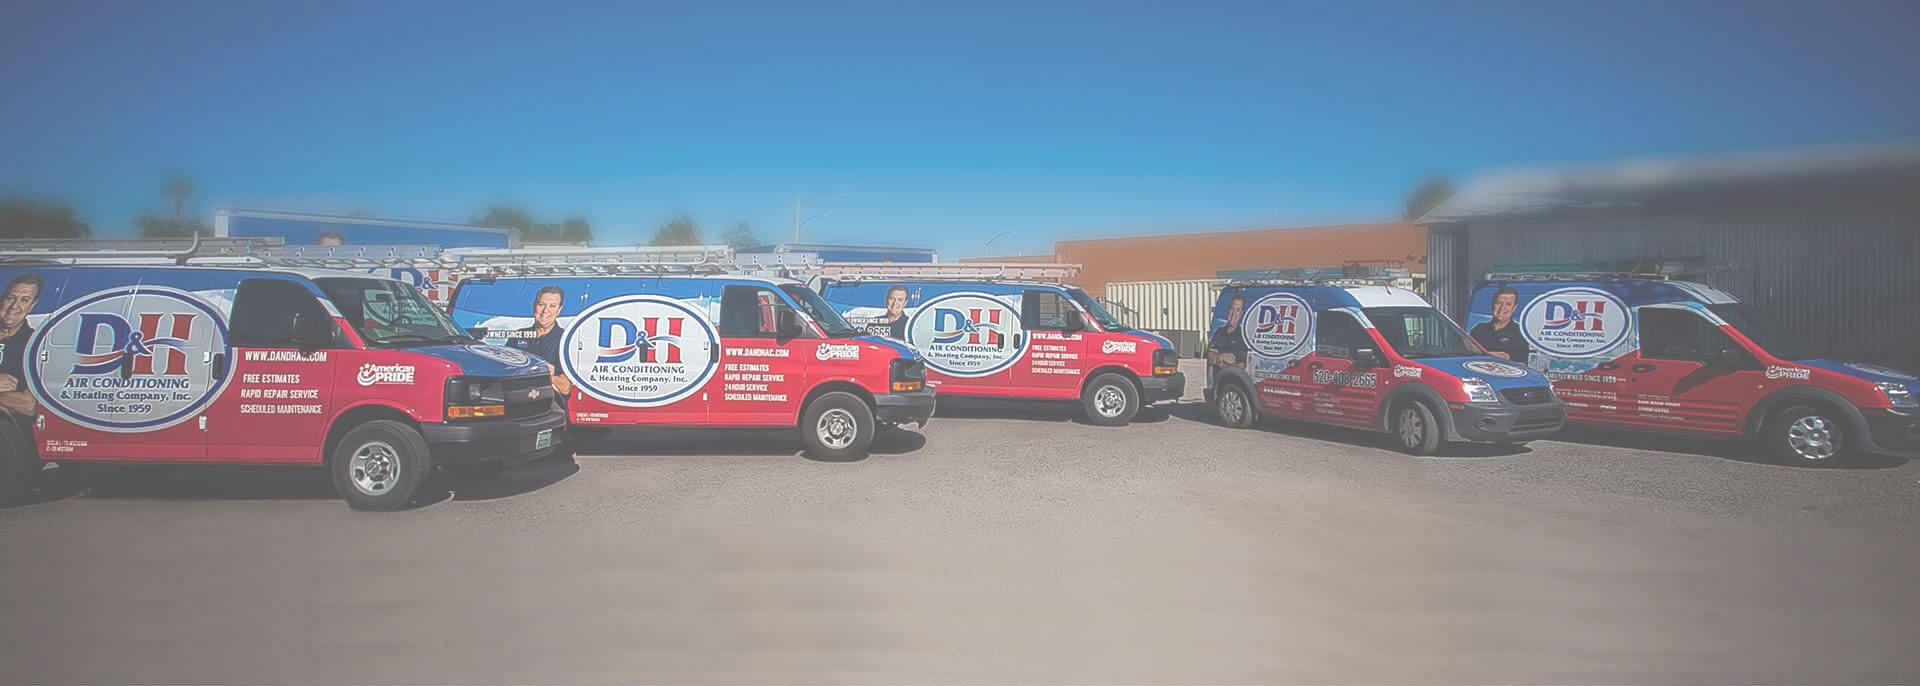 Air conditioning repair service Tucson